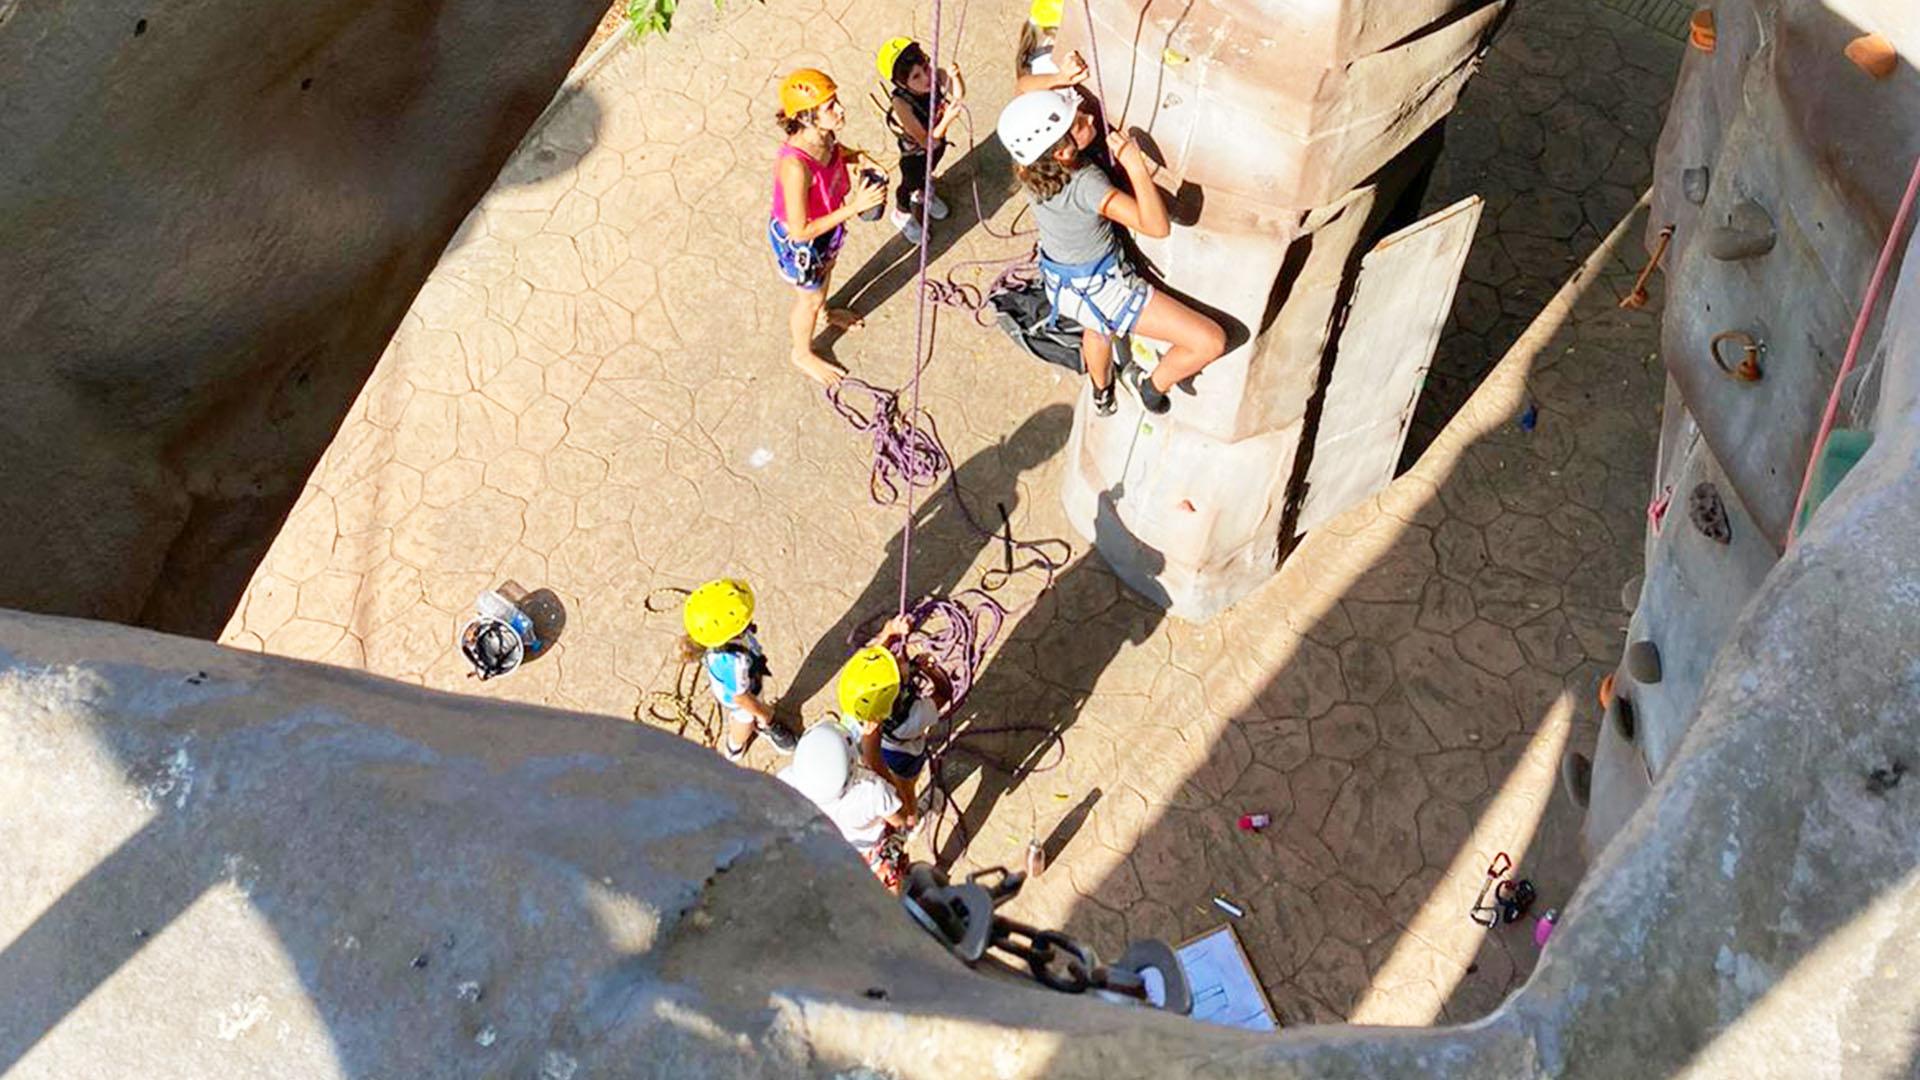 El Club Alpino Ama Dablam, dará por finalizados los talleres de escalada infantiles